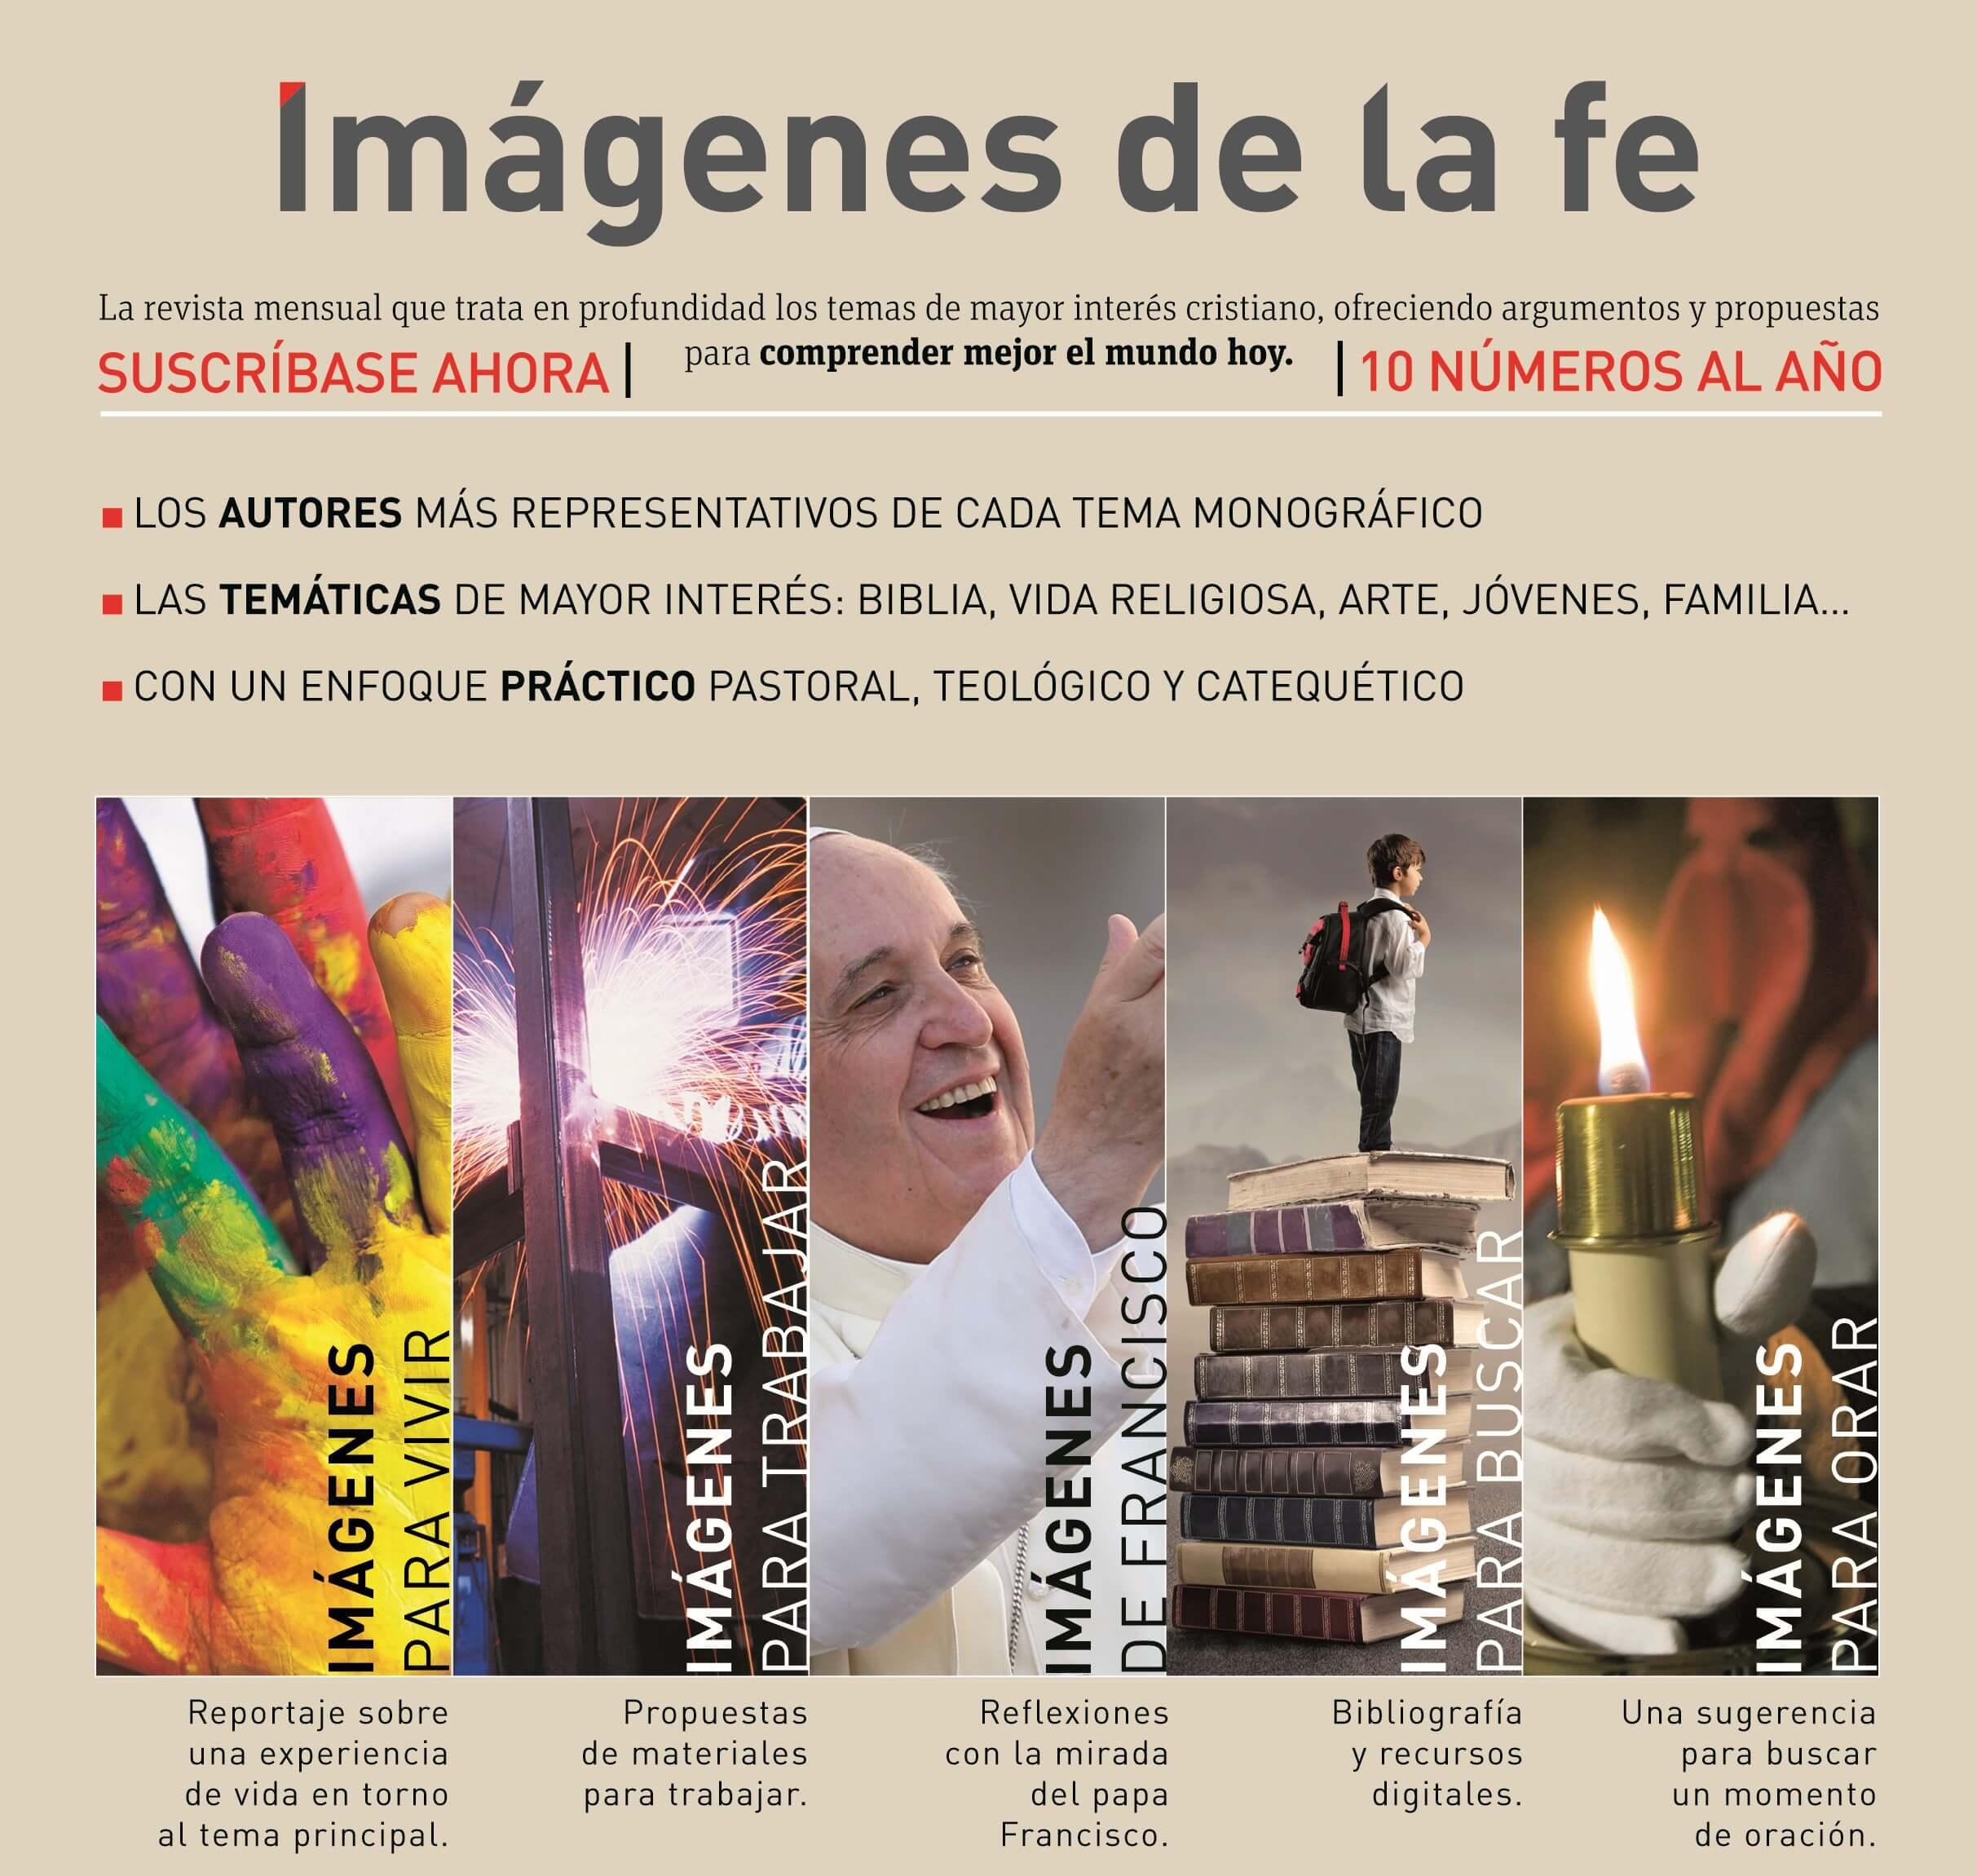 Composición de la revista Imágenes de la fe